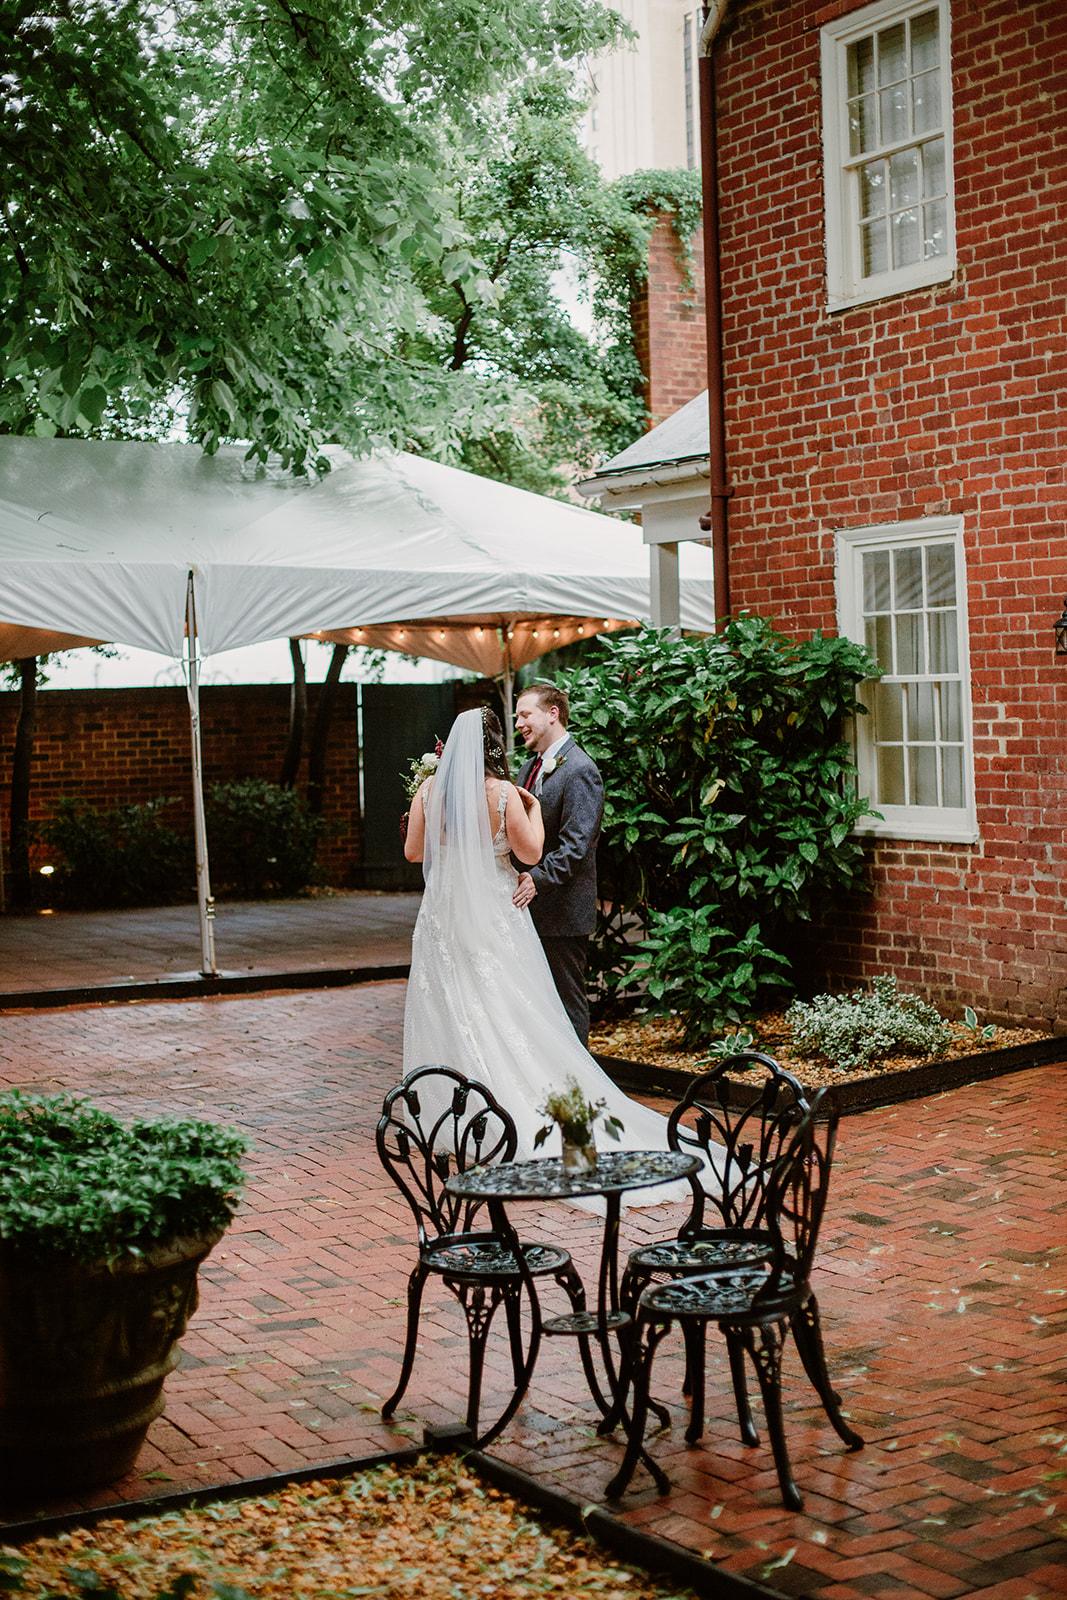 SarahMattozziPhotography-EmilyColin-LindenRowInnWedding-Ceremony-112.jpg